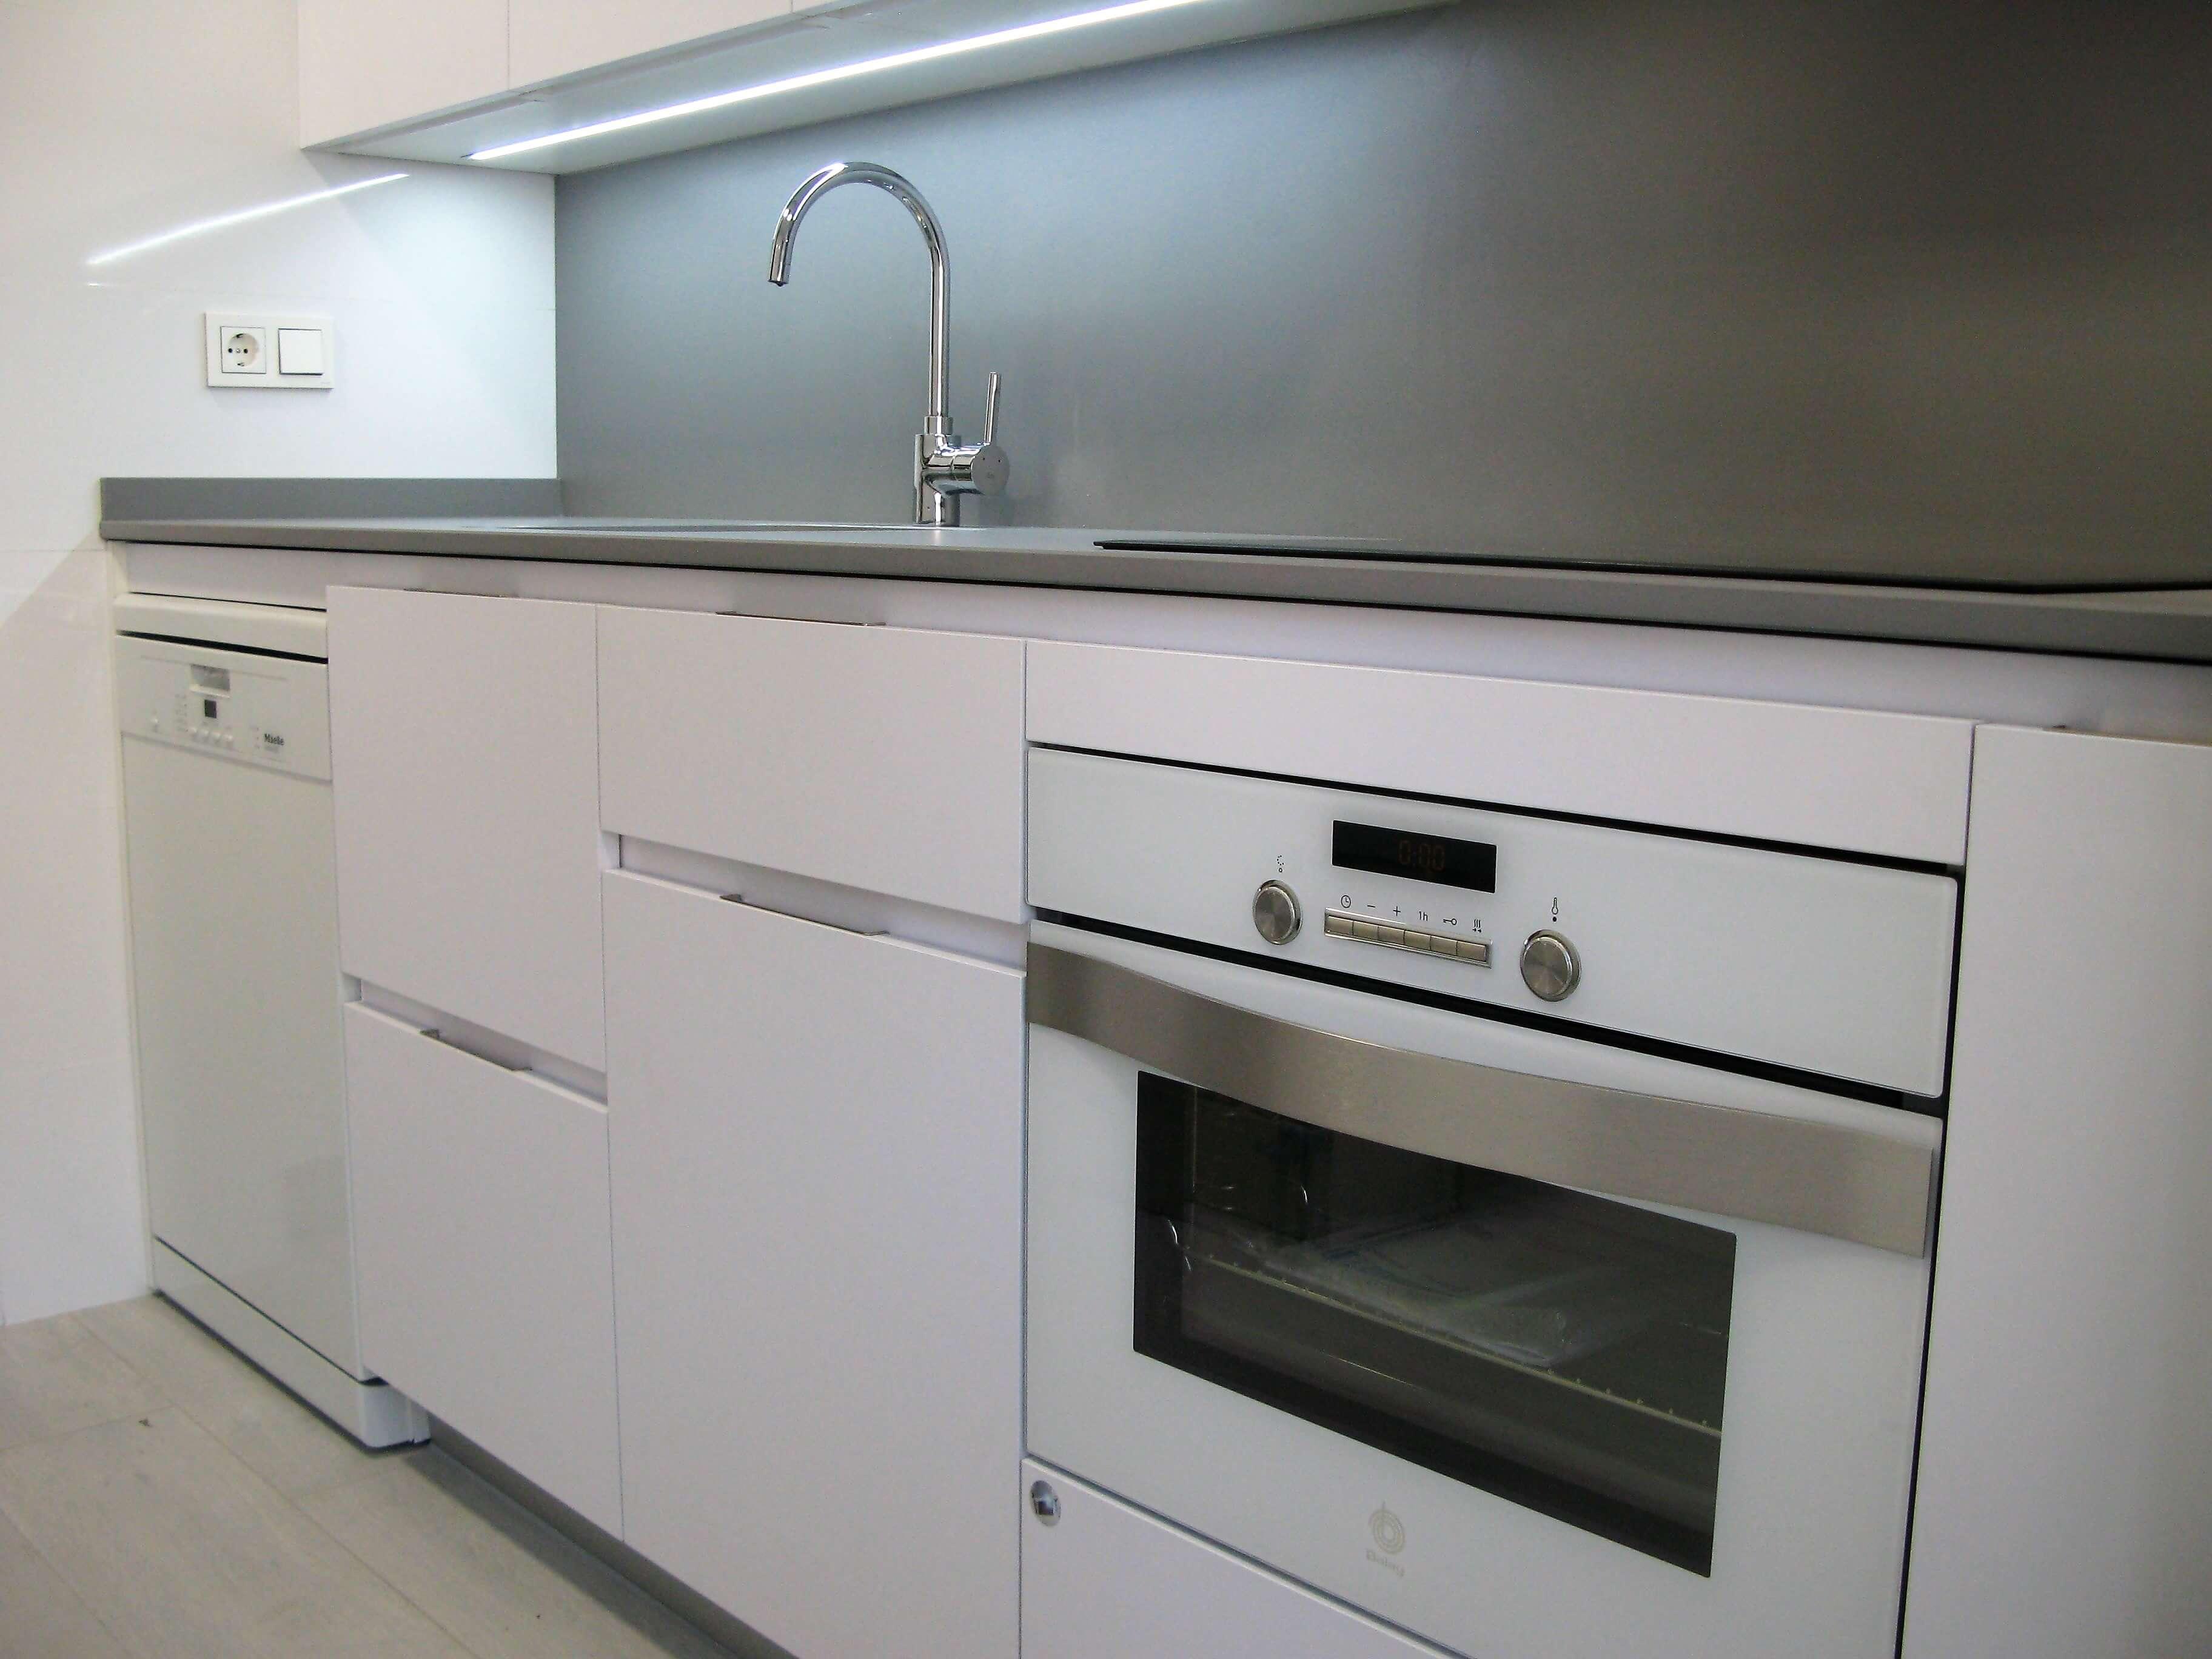 Cocina sin tiradores cocinas vitoria tierra home design for Cocina blanca encimera roja